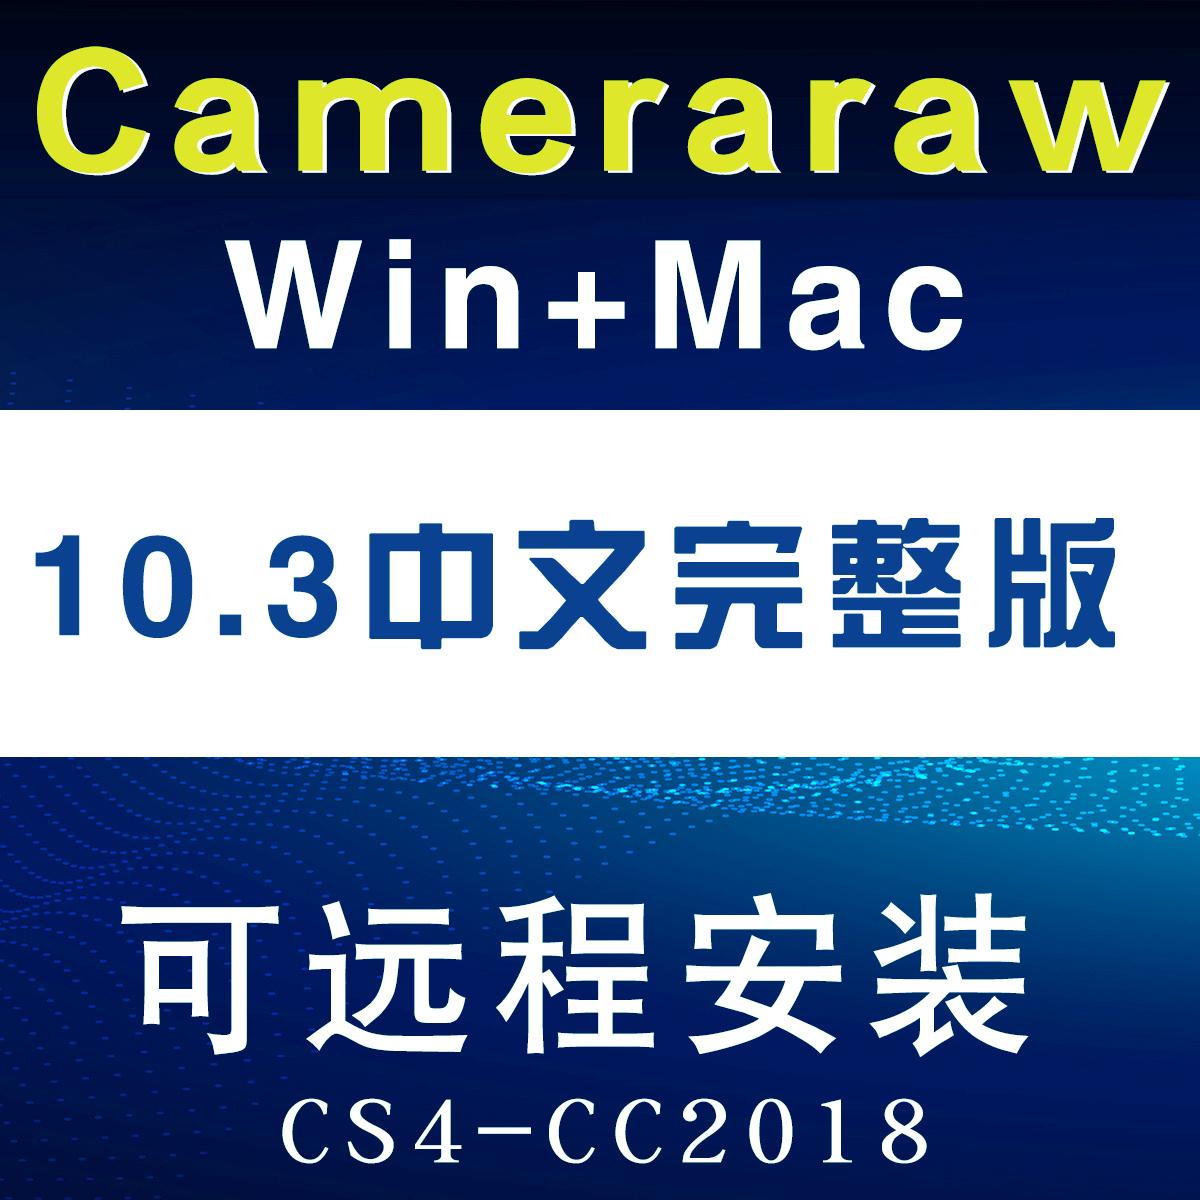 PS软件安装服务摄影后期插件调色滤镜Camera Raw10.3mac+win版